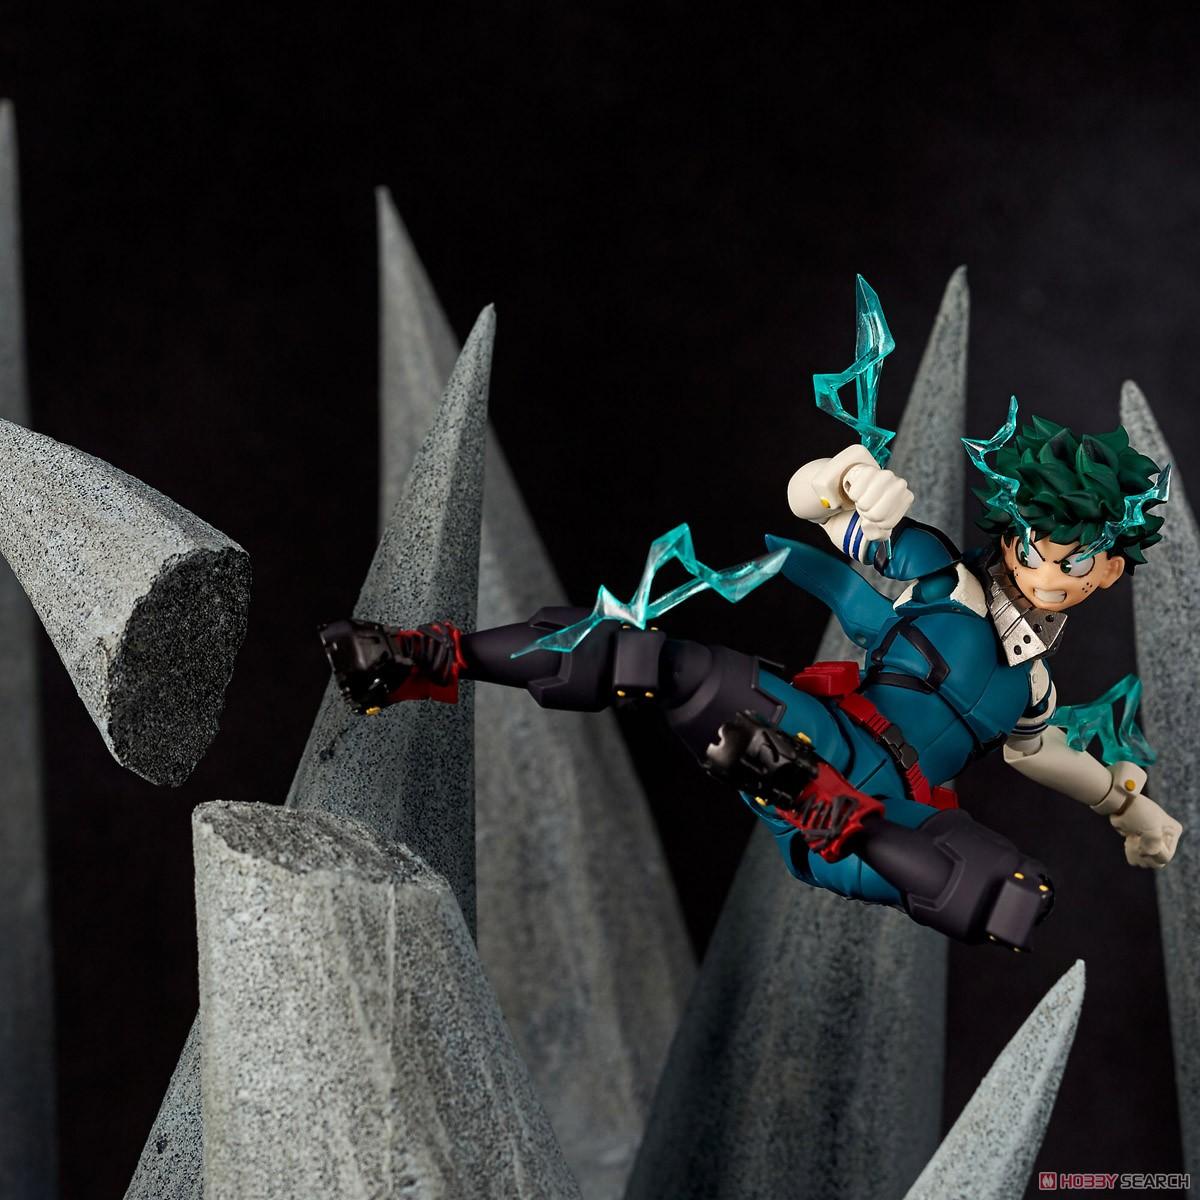 フィギュアコンプレックス アメイジング・ヤマグチ No.018『緑谷出久』僕のヒーローアカデミア 可動フィギュア-013